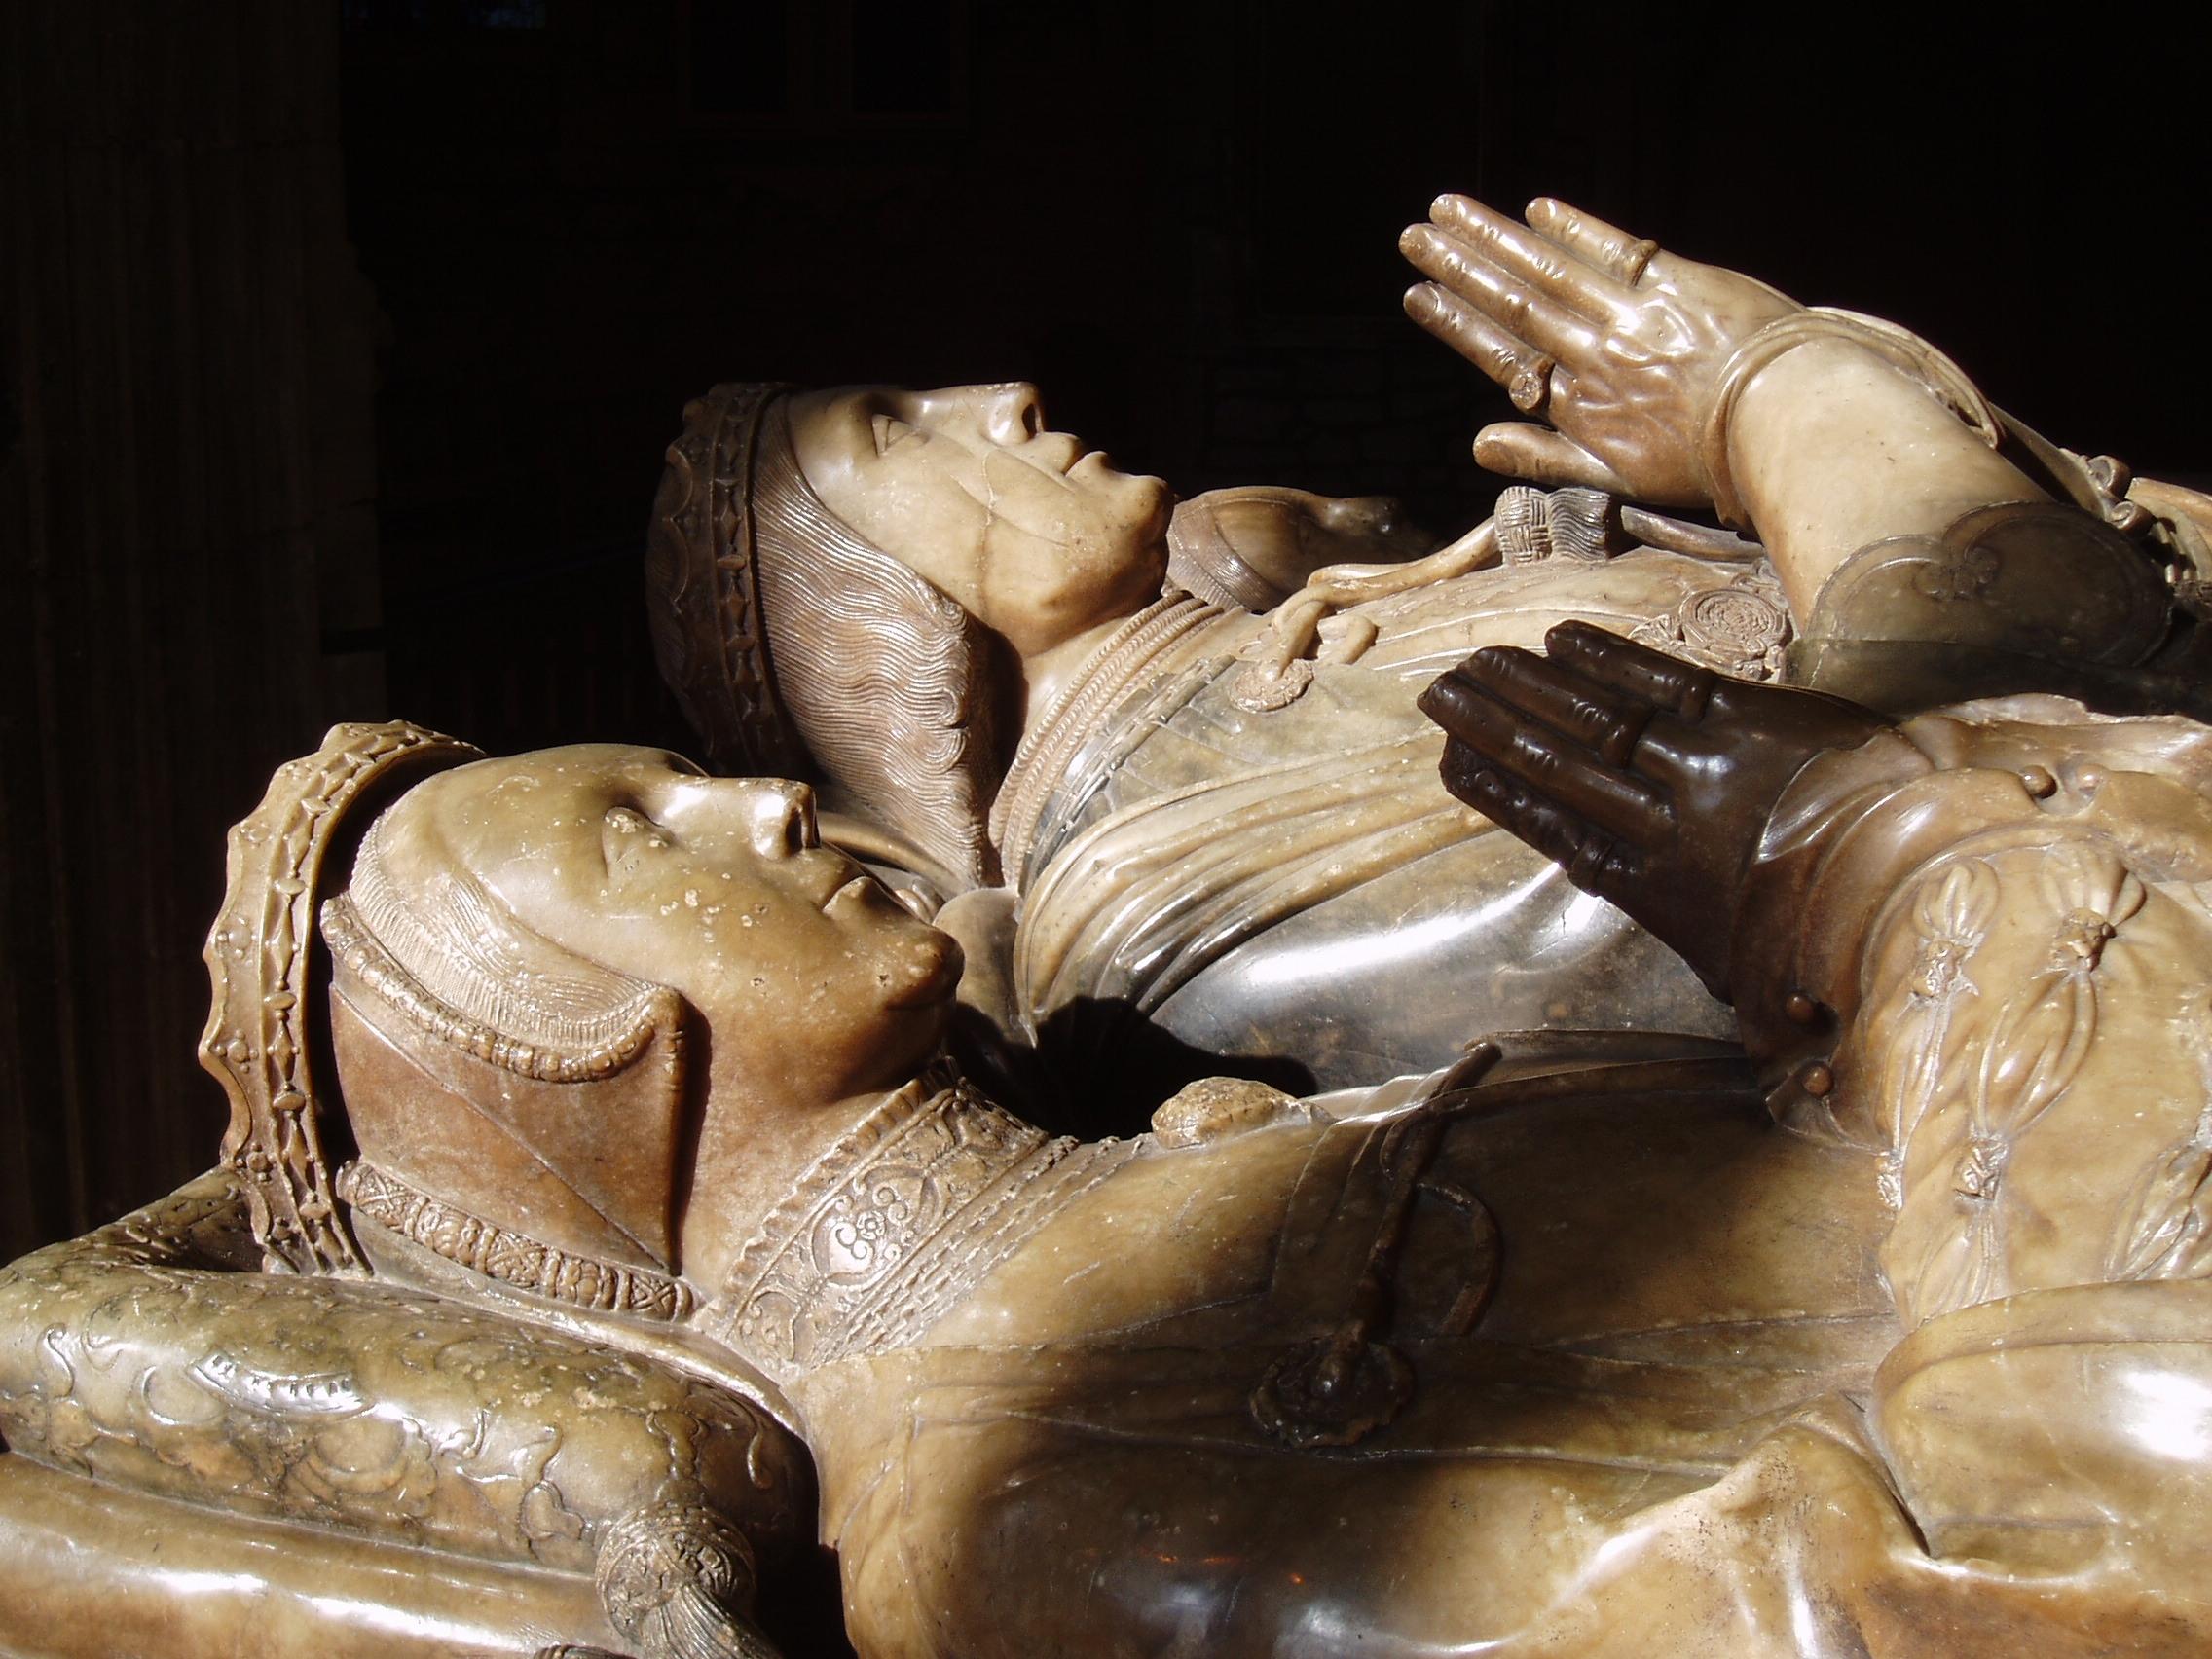 1538 - George Talbot, (died 1538)